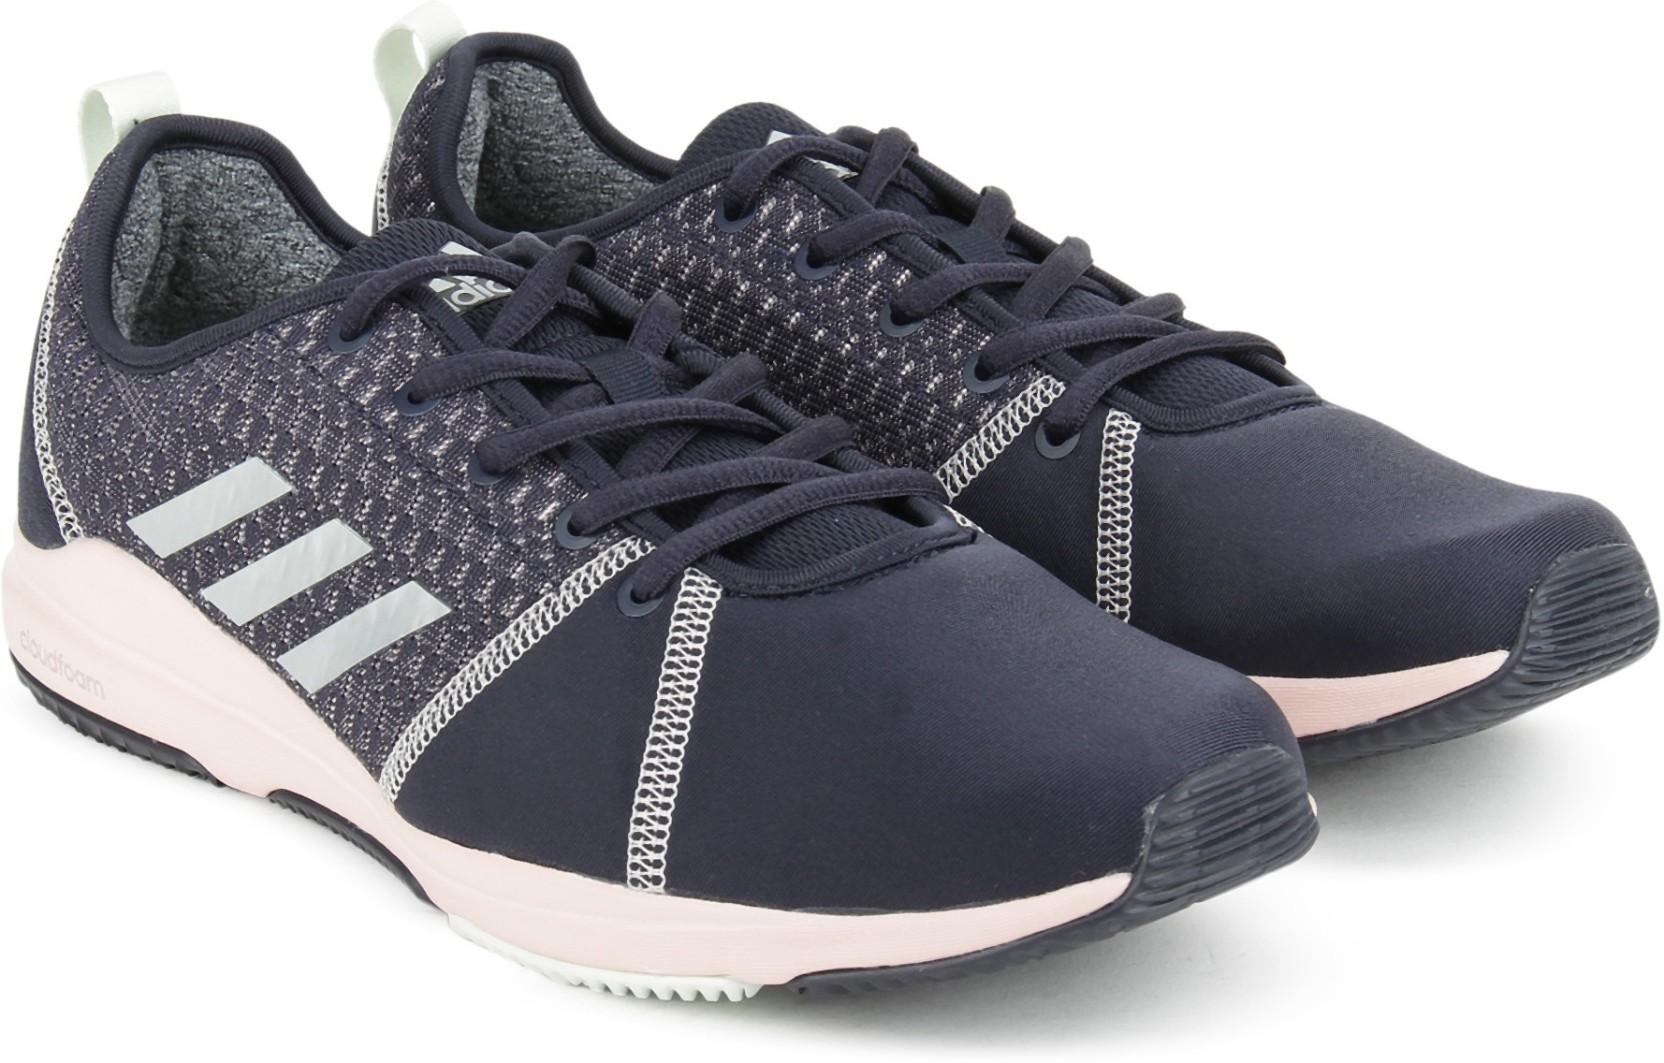 Köp För Gym Cloudfoam Och Adidas Träningsskor Arianna Kvinnor Xnx6E0F ac867d97c157